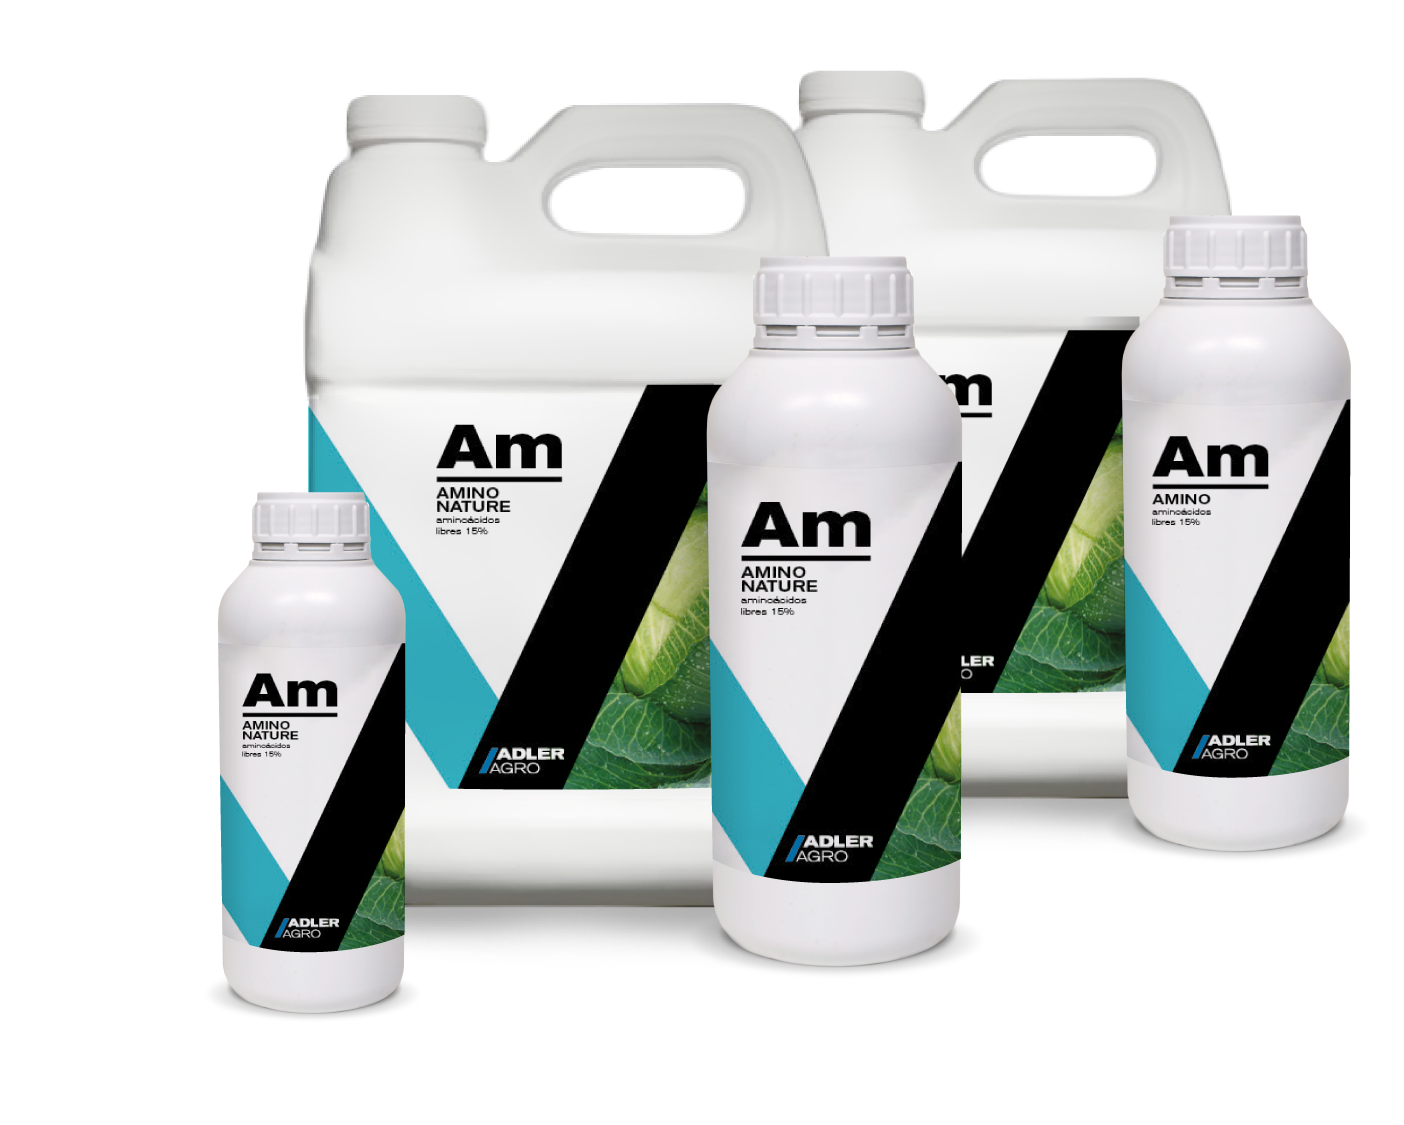 familia_aminoacidos